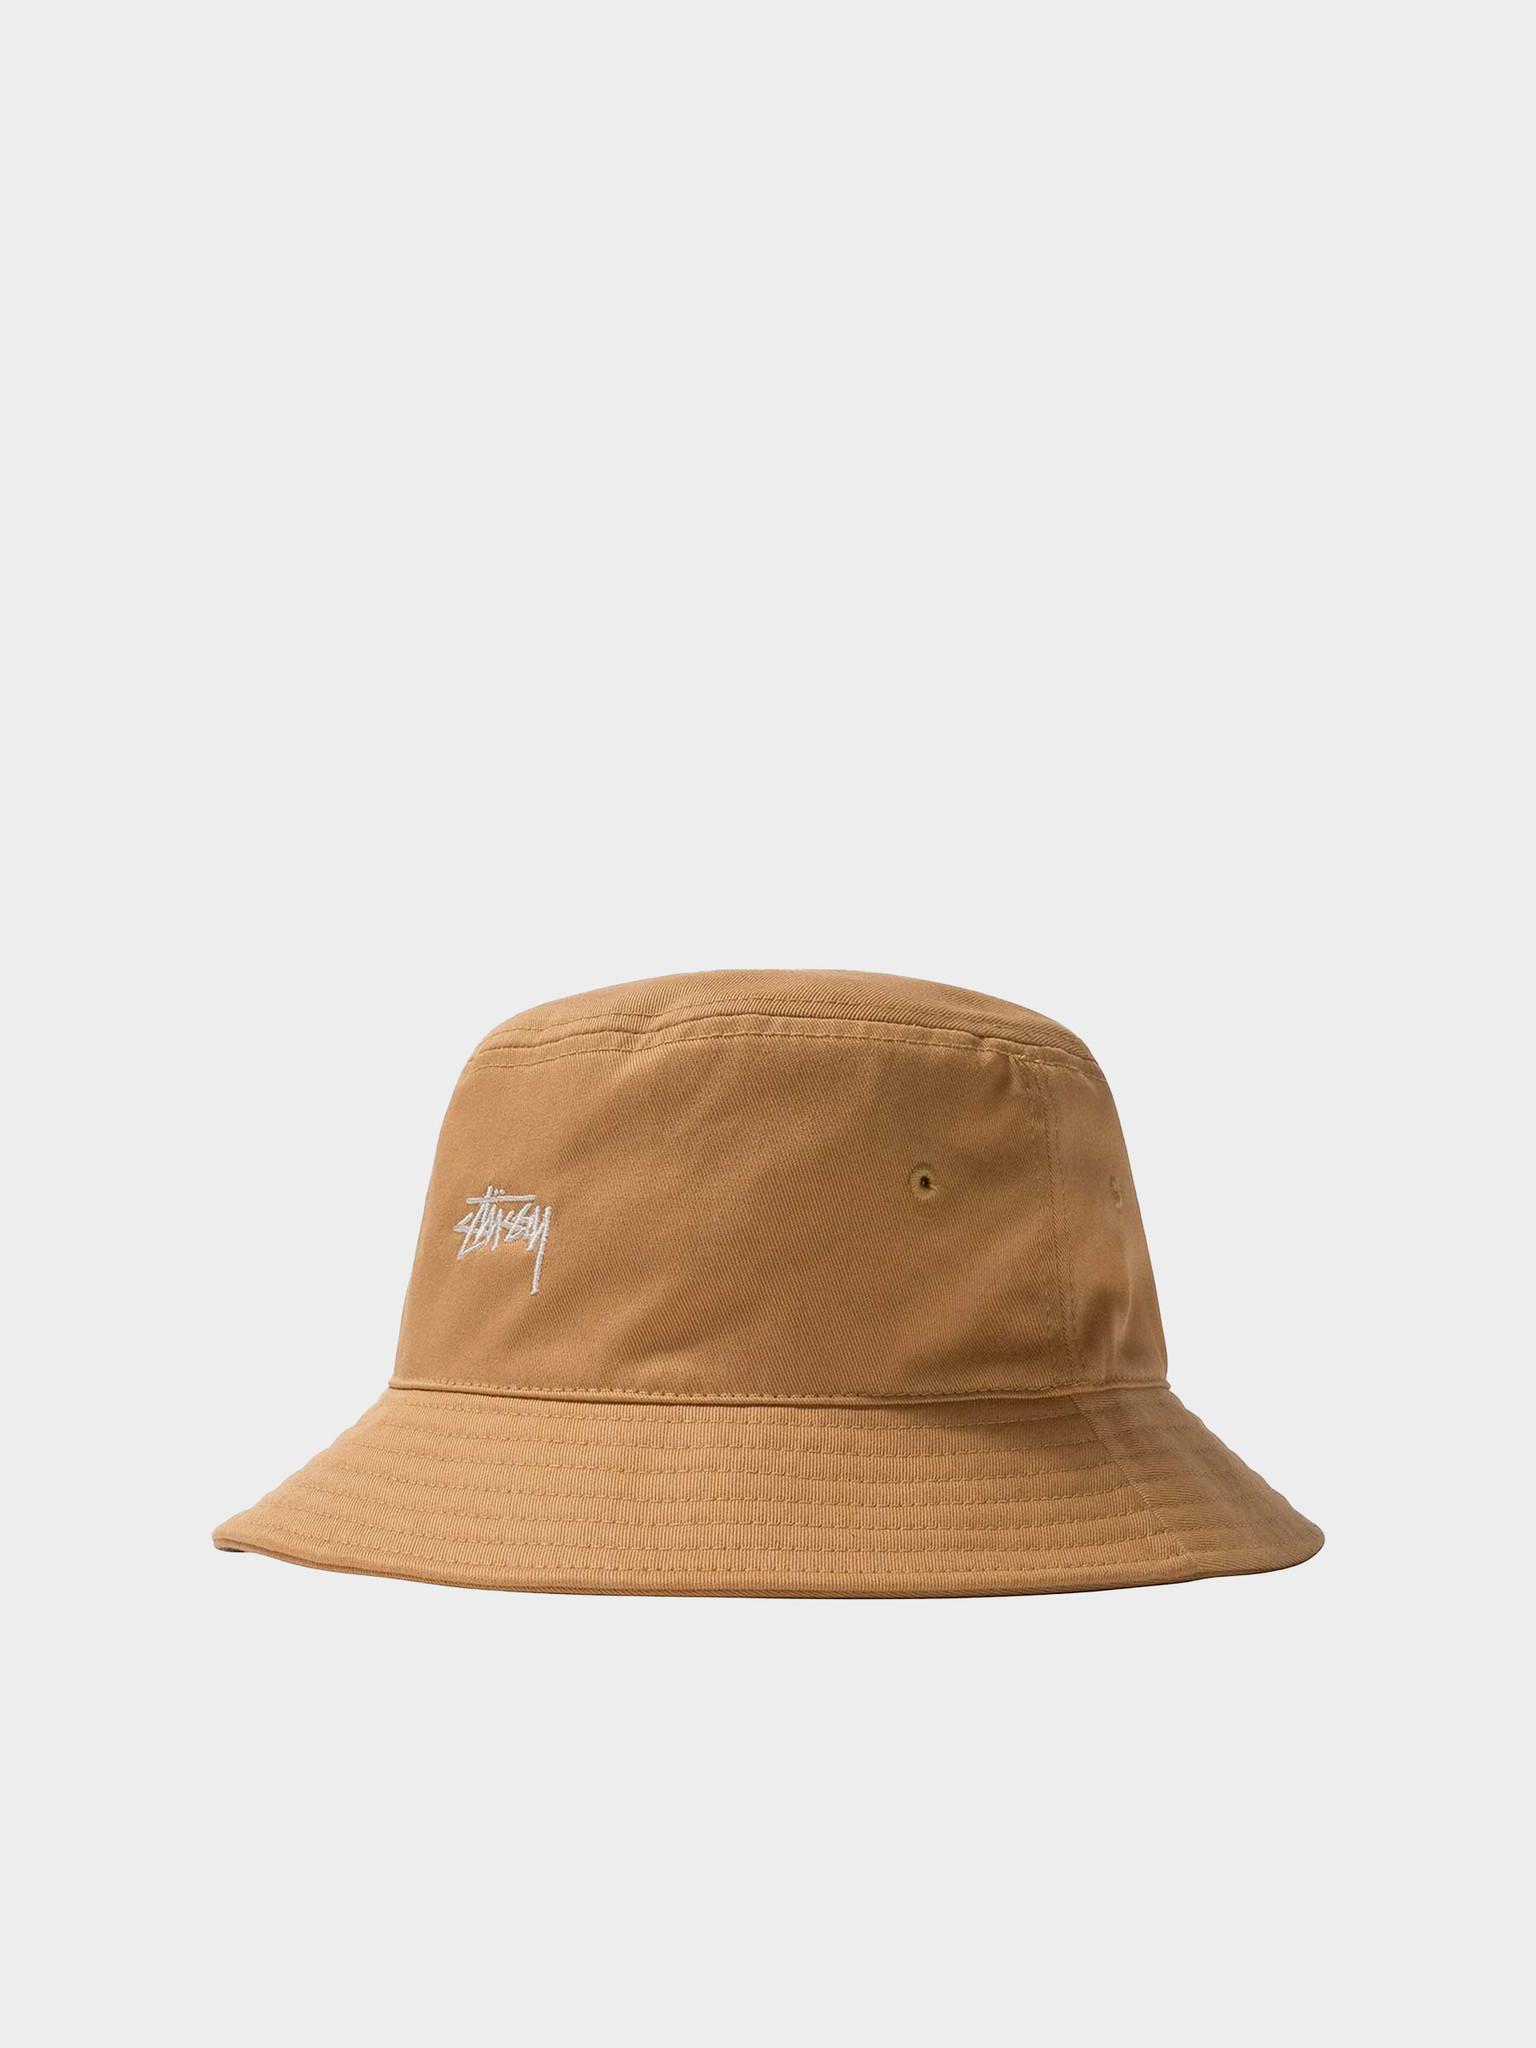 Stussy Stussy Stock Bucket Hat Khaki 1321023-1007